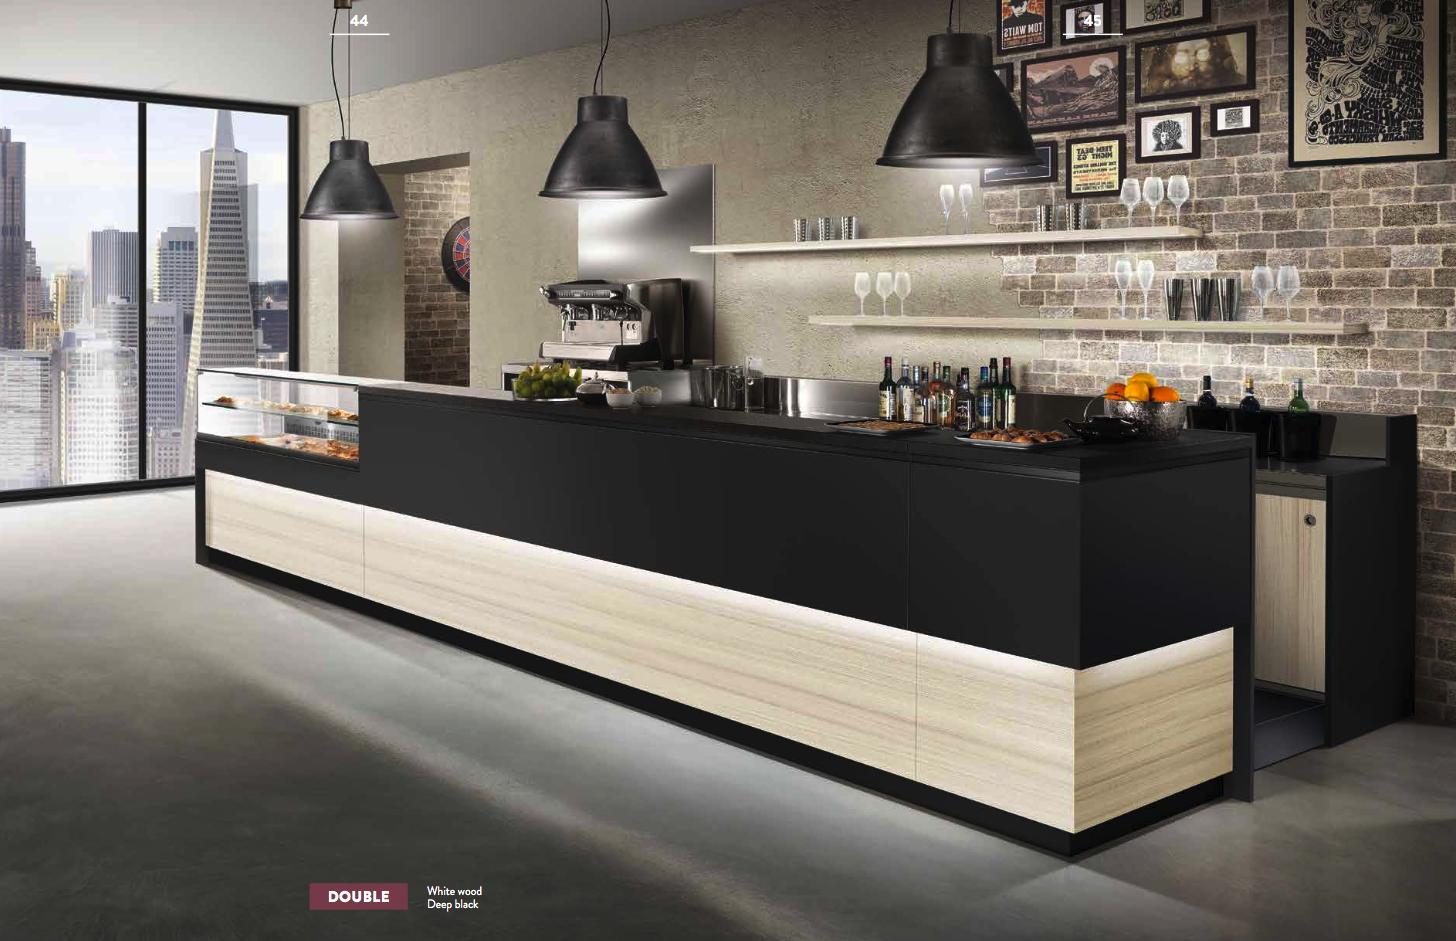 Linearità e proporzione estetica permetteranno di soddisfare ogni gusto e tendenza per Arredamento Bar di Design e molto altro. Un'esperienza di ospitalità e benessere per voi e i vostri clienti, creata con oltre 50 anni di esperienza.